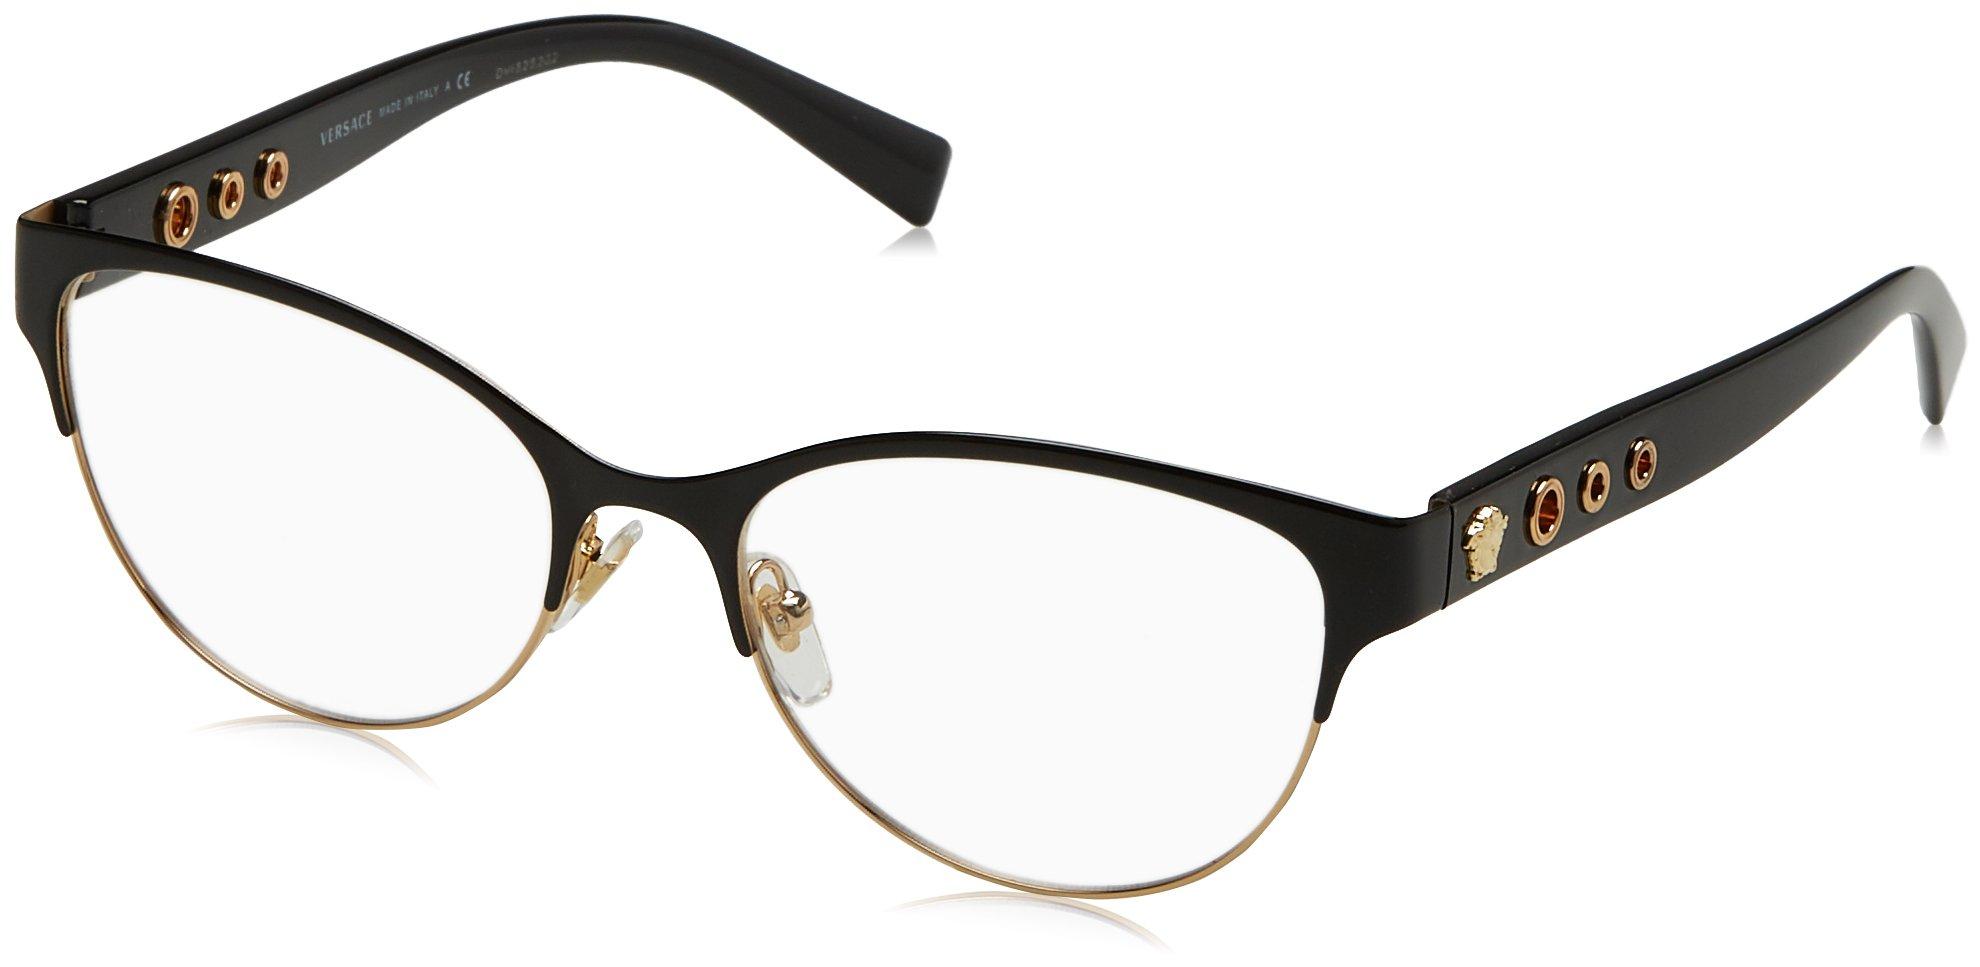 Versace Women's VE1237 Eyeglasses Black/Gold 53mm by Versace